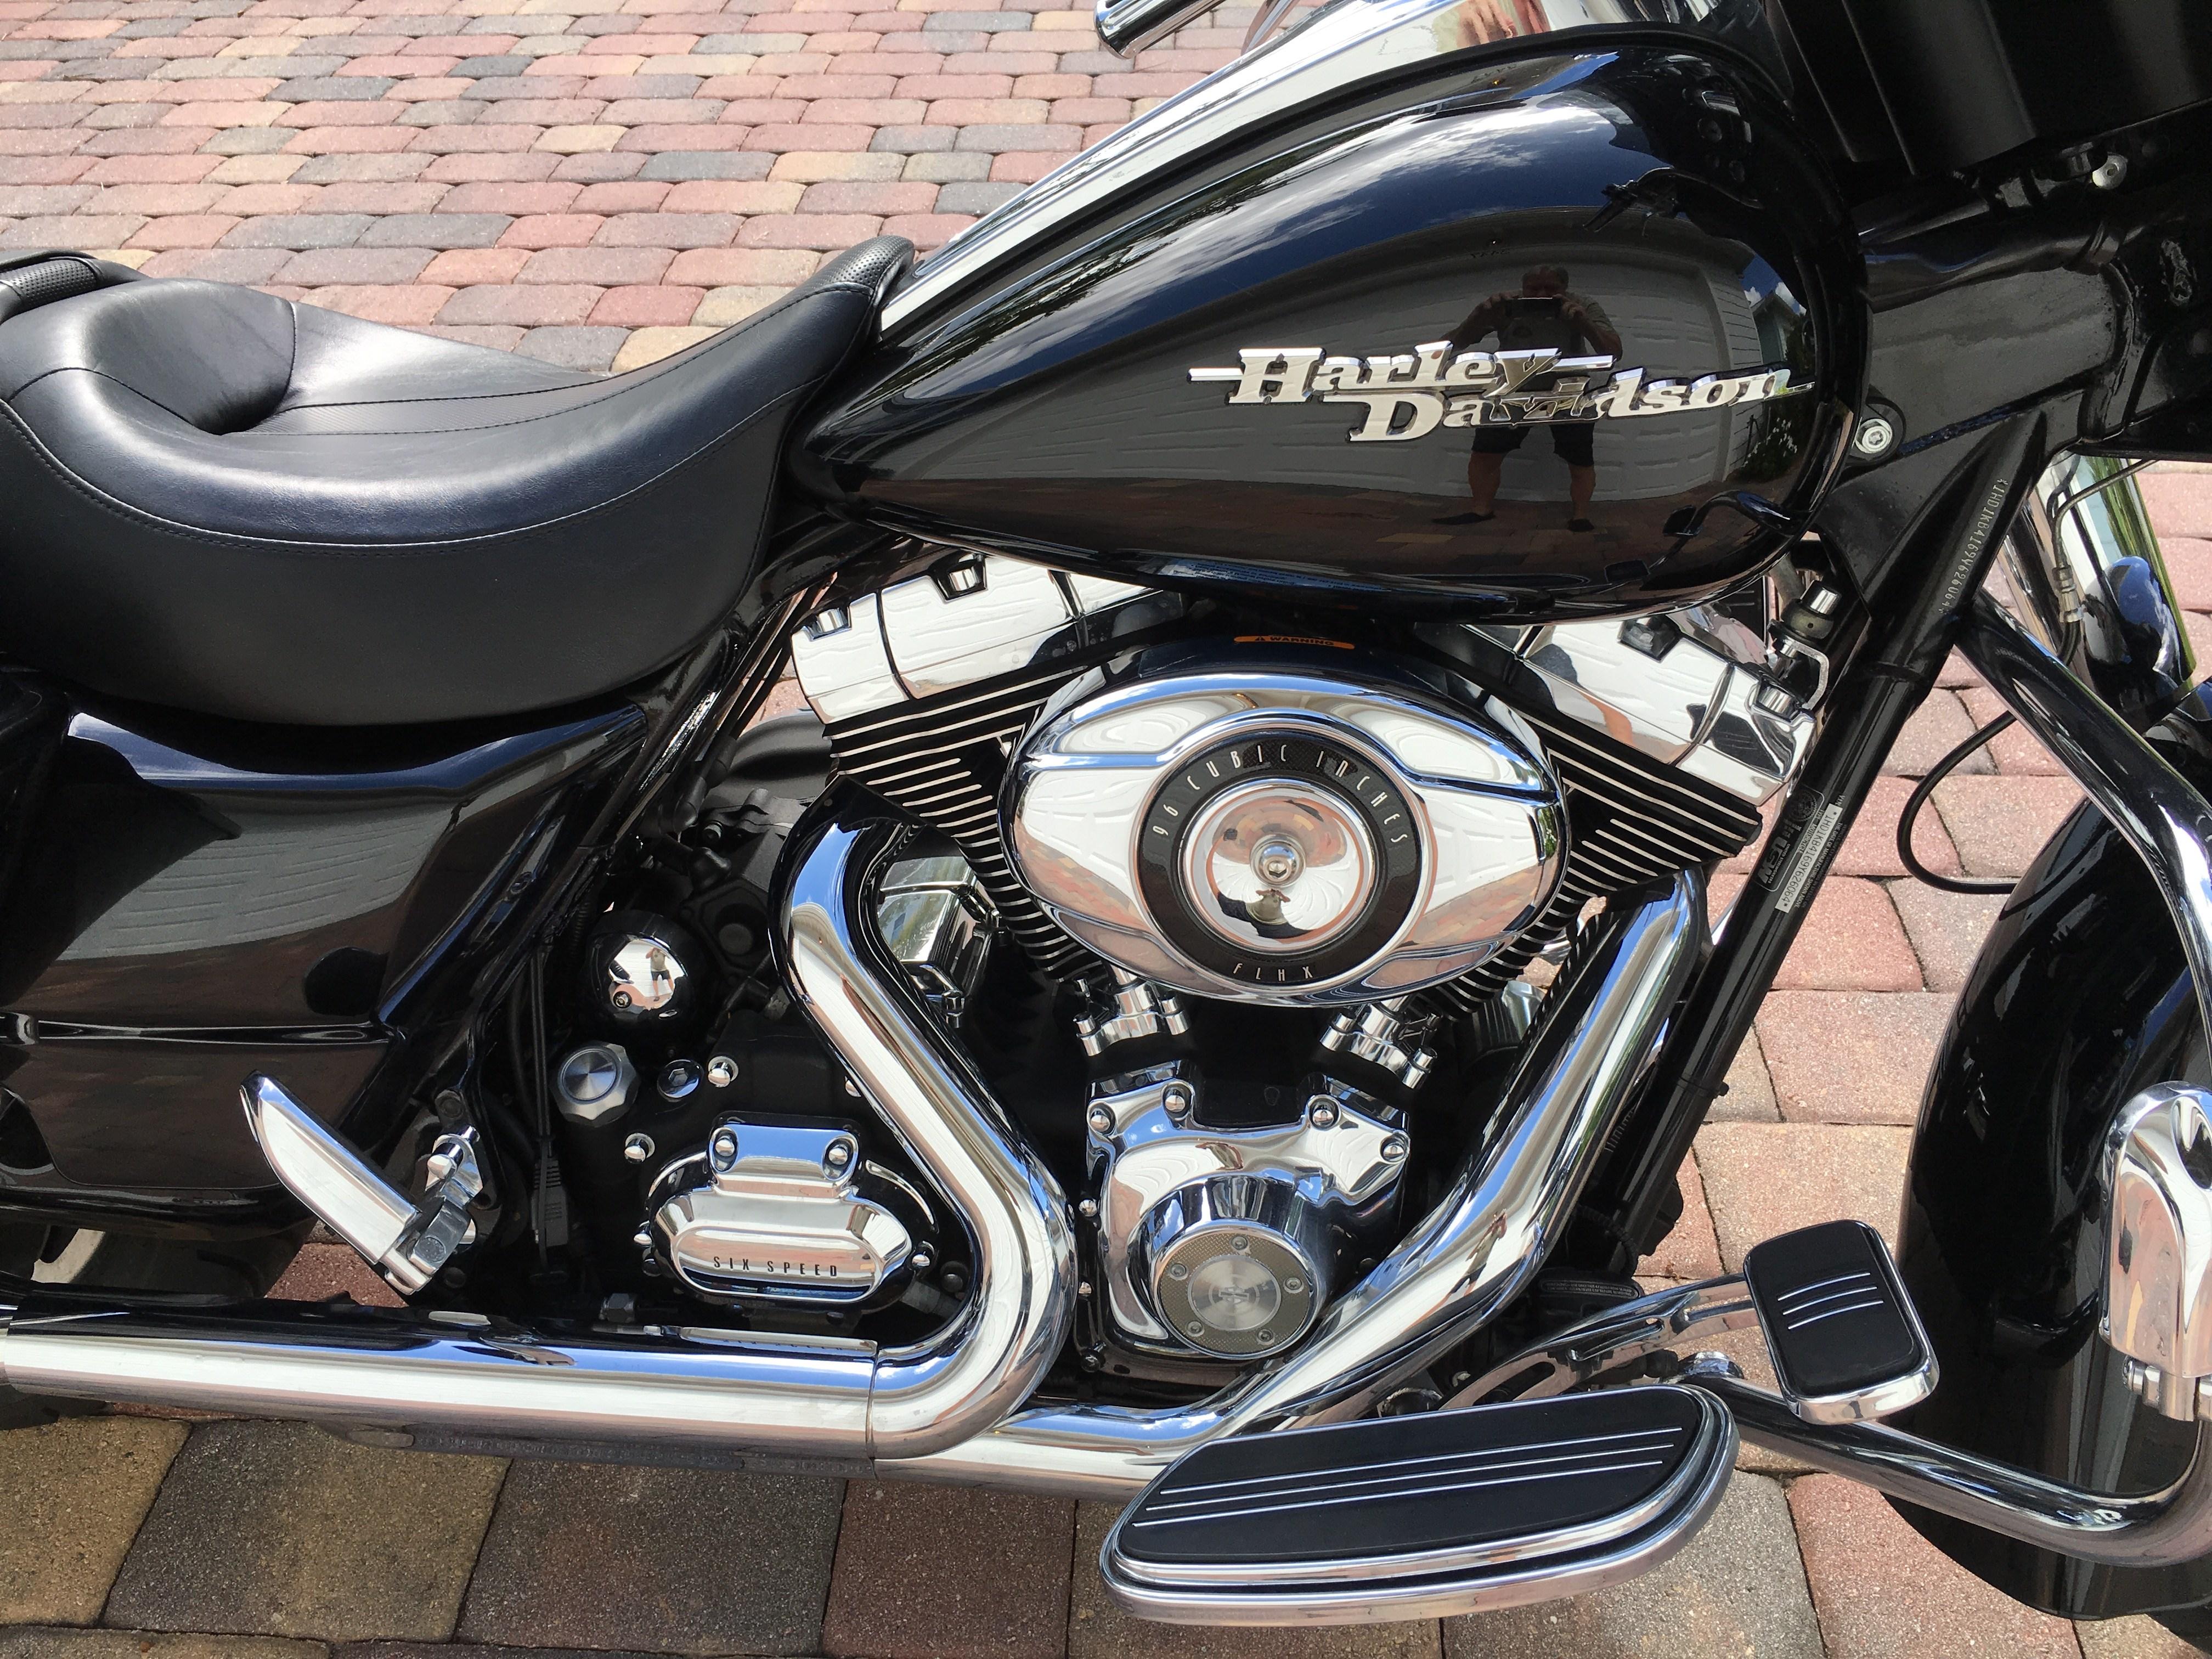 2016 Harley Dealer Newark De >> 2009 Harley-Davidson® FLHX Street Glide® (Vivid Black), Jupiter, Florida (628899 ...